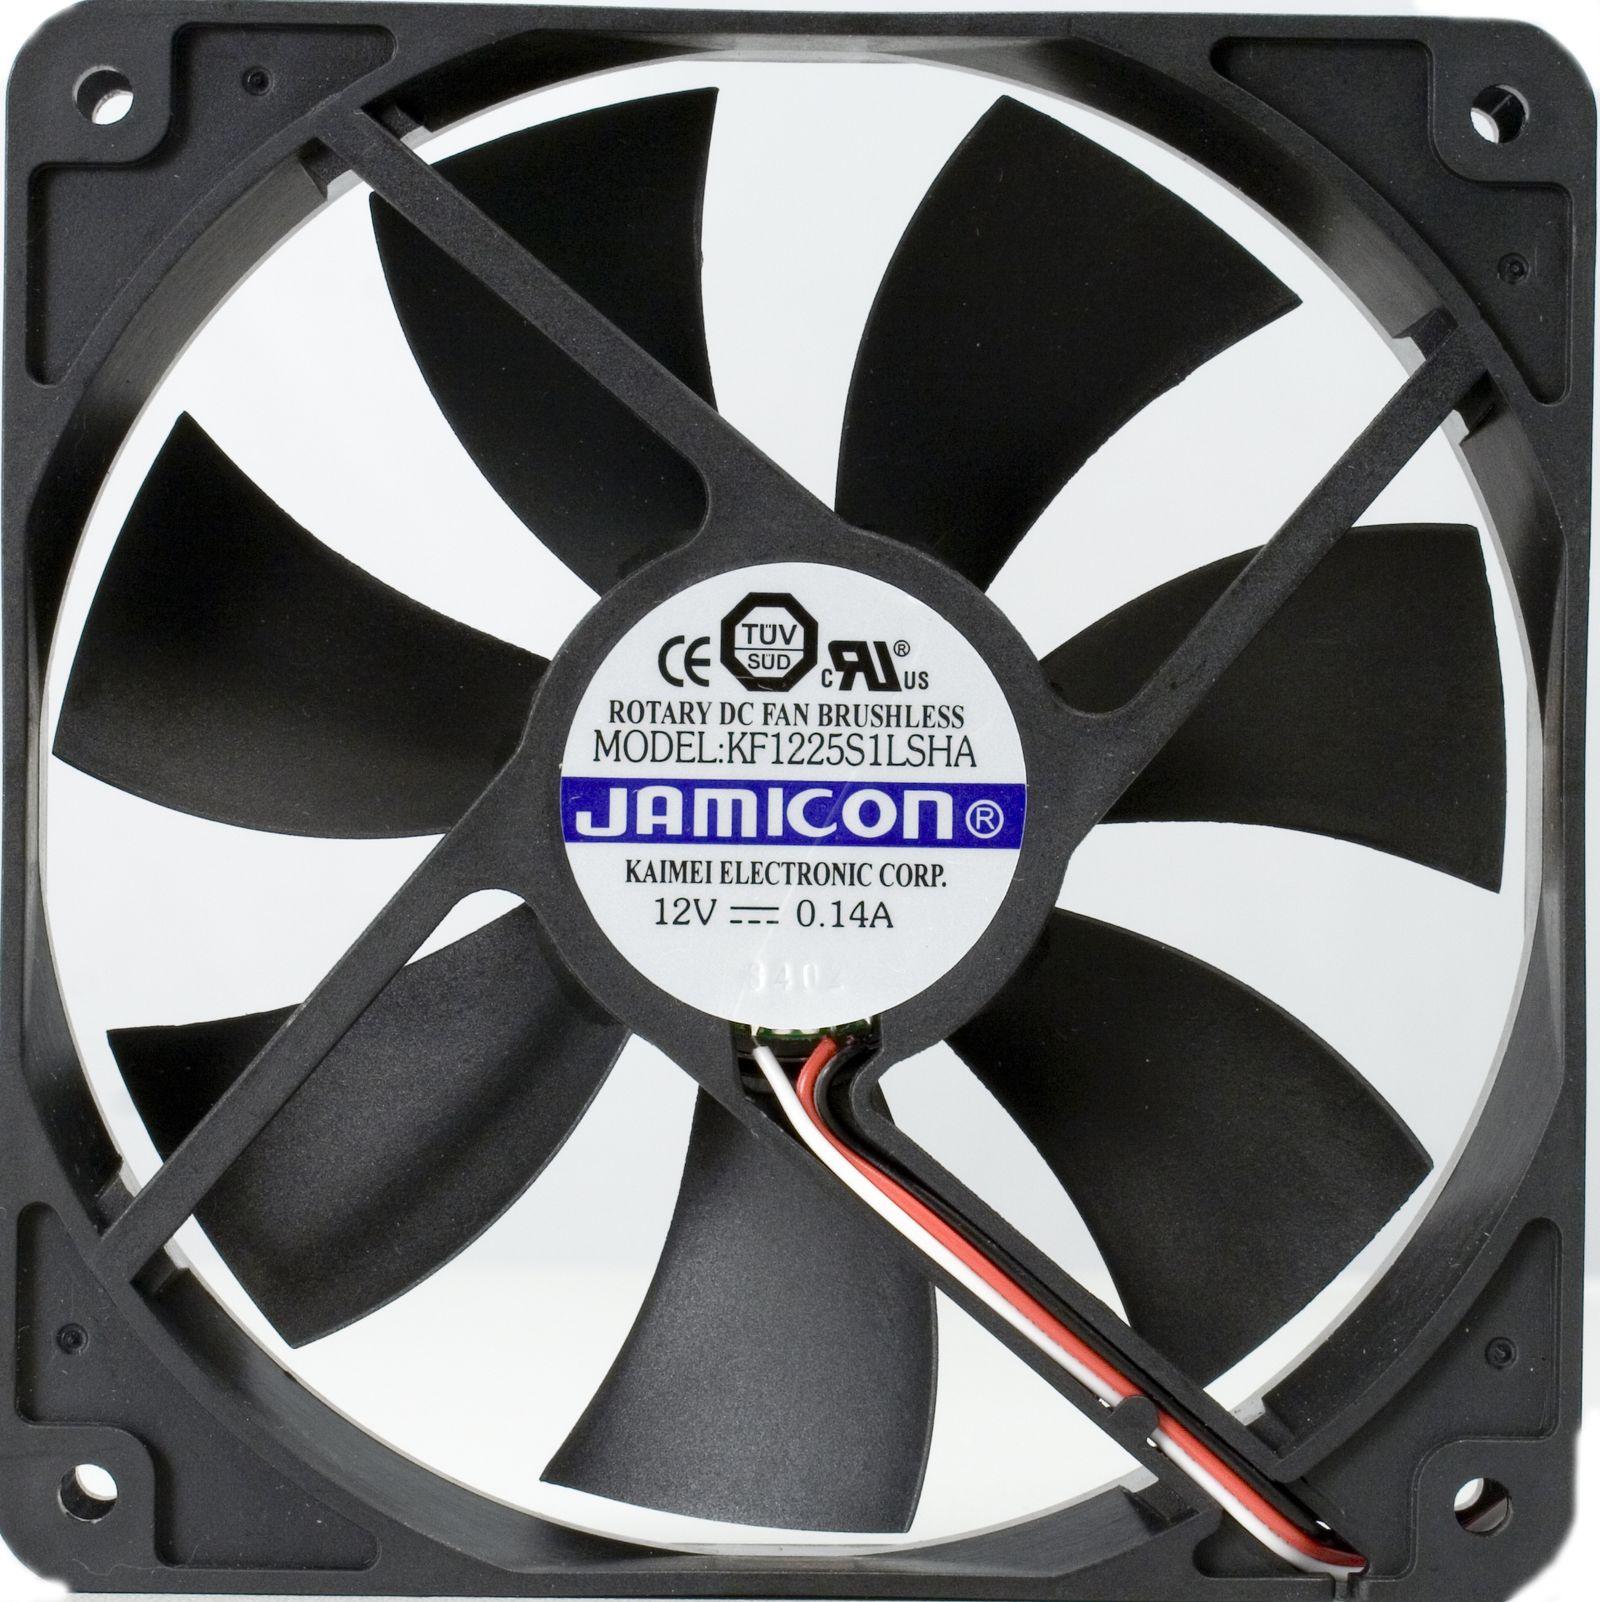 Вентиляторы, решетки, фильтры Jamicon